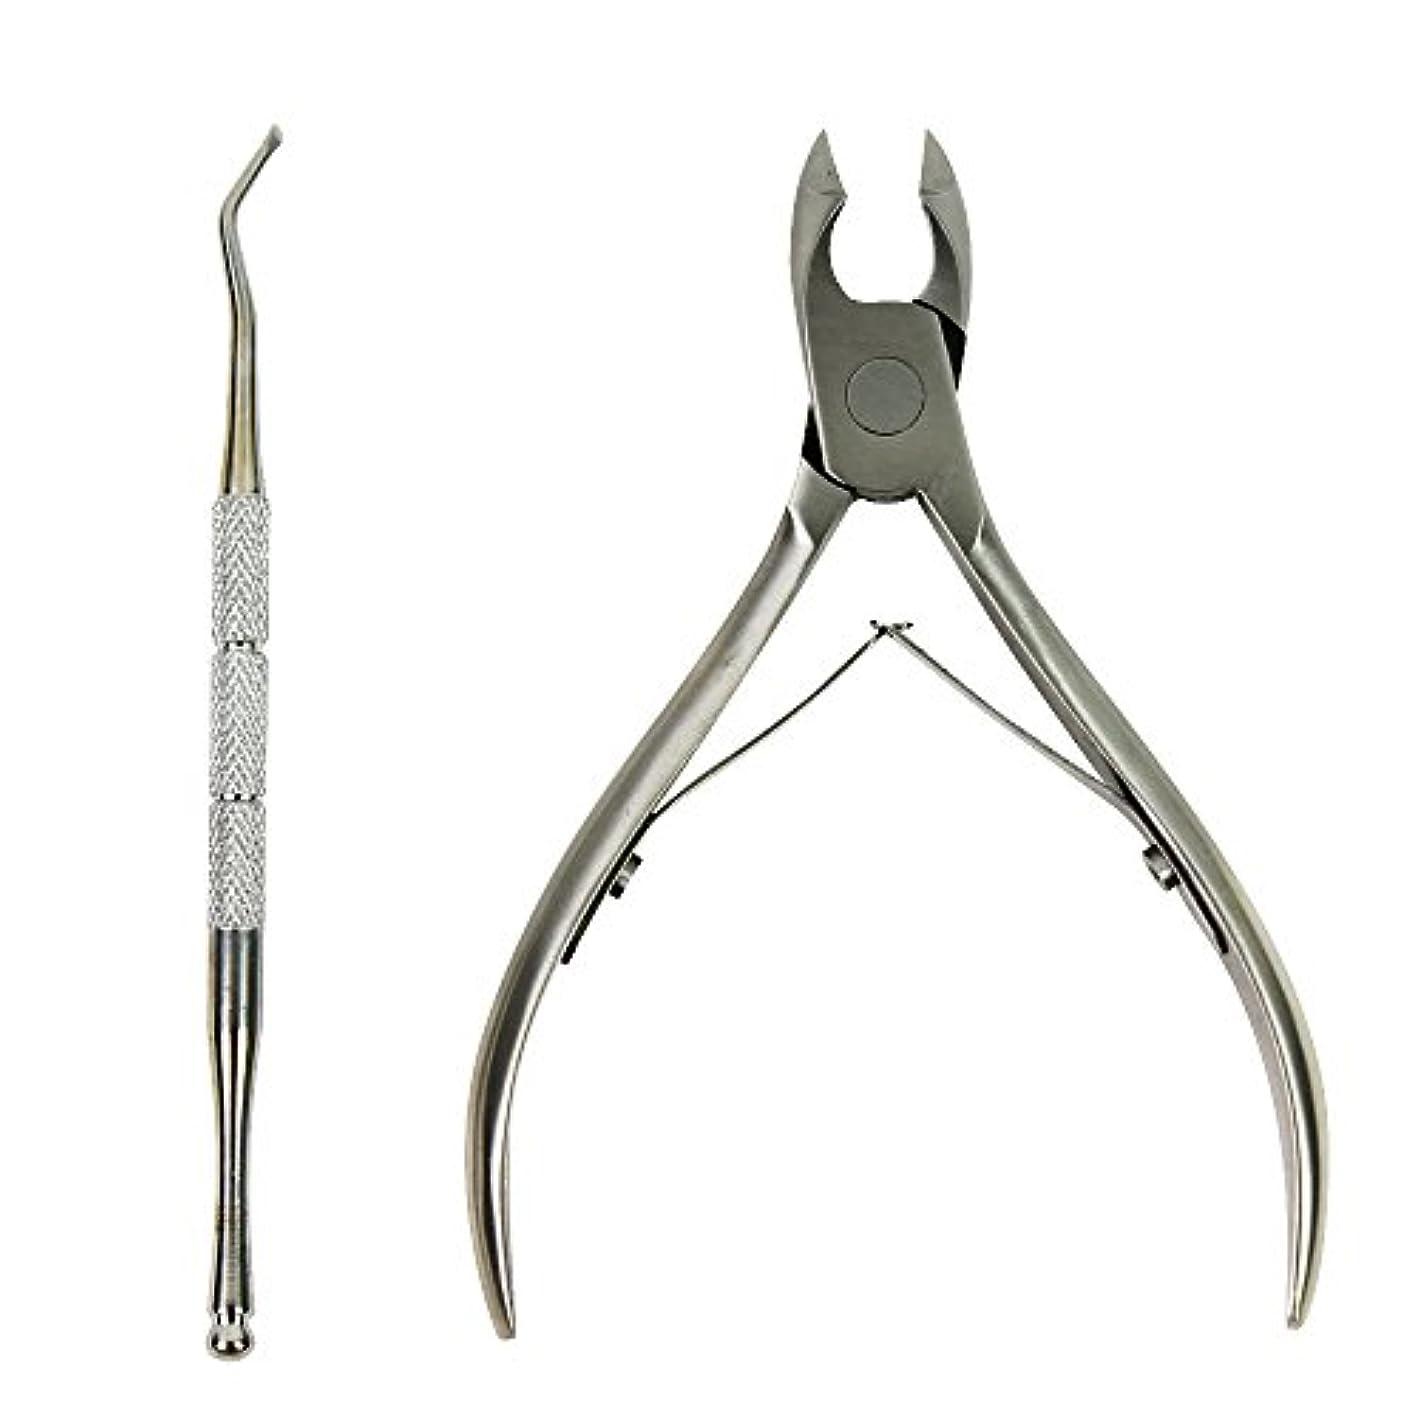 複製非難するペパーミントLelouch(ルルーシュ) ニッパー式 爪切り 変形した爪 厚い爪 巻き爪 などに 垢取り ゾンデ 付き